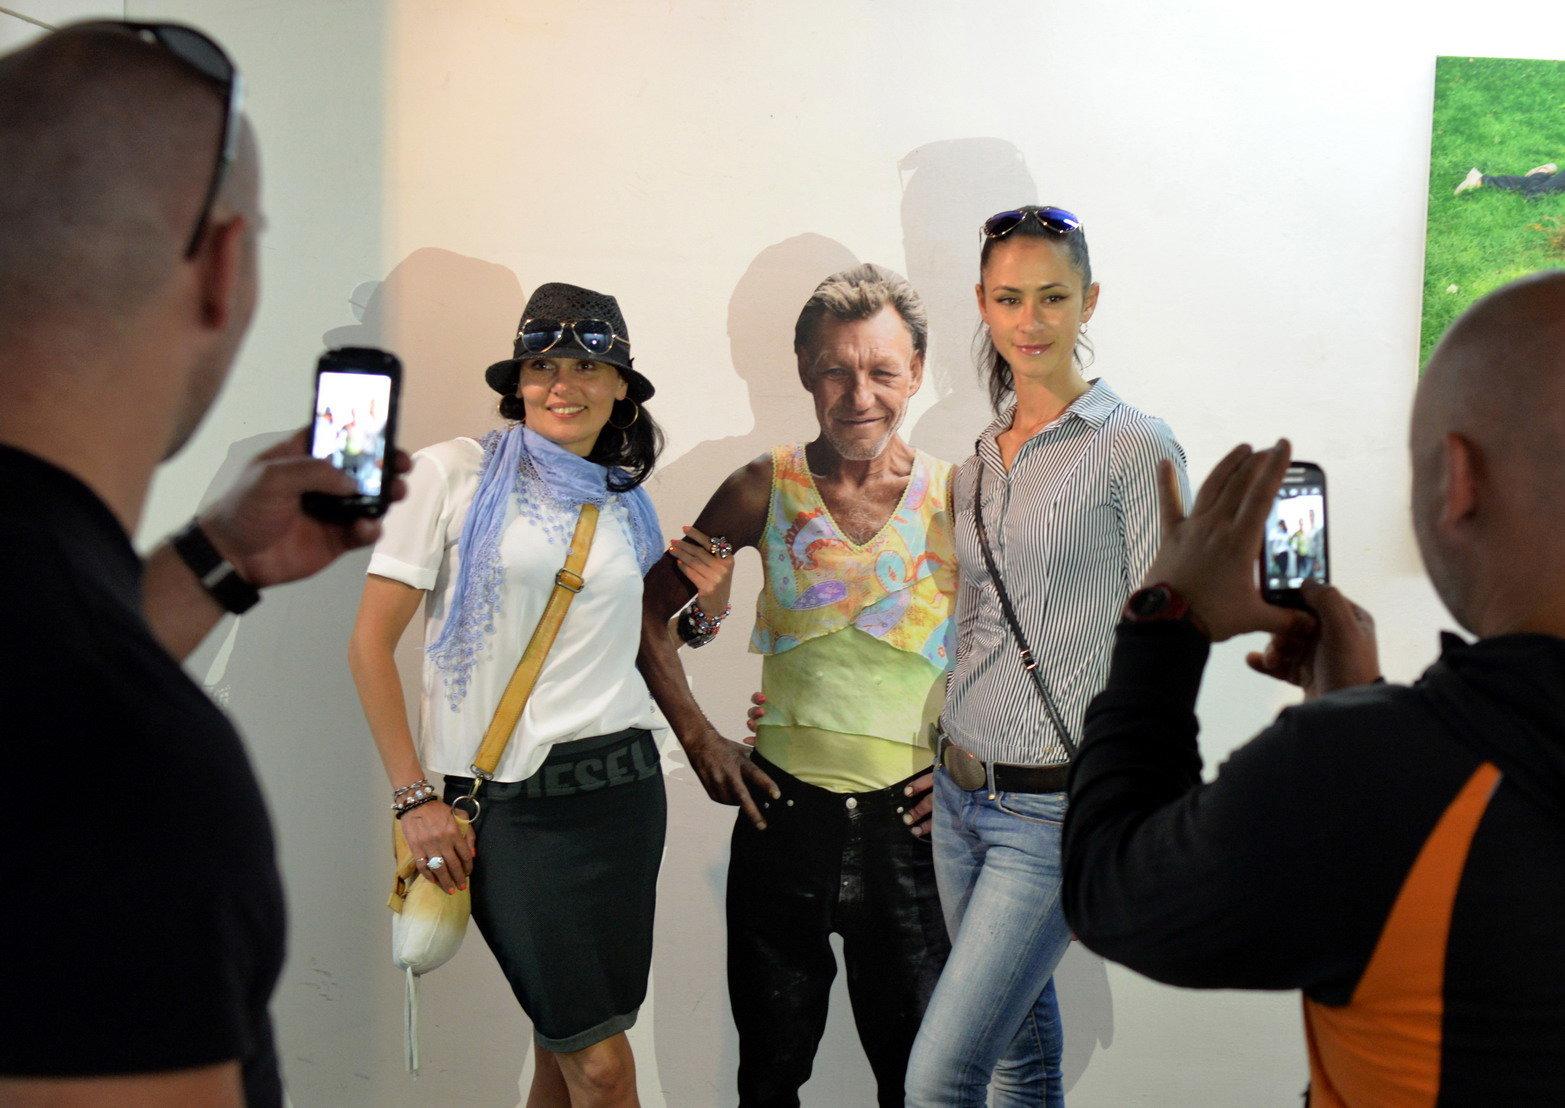 Dzyga_Slavik's Fashion_25_resize.JPG